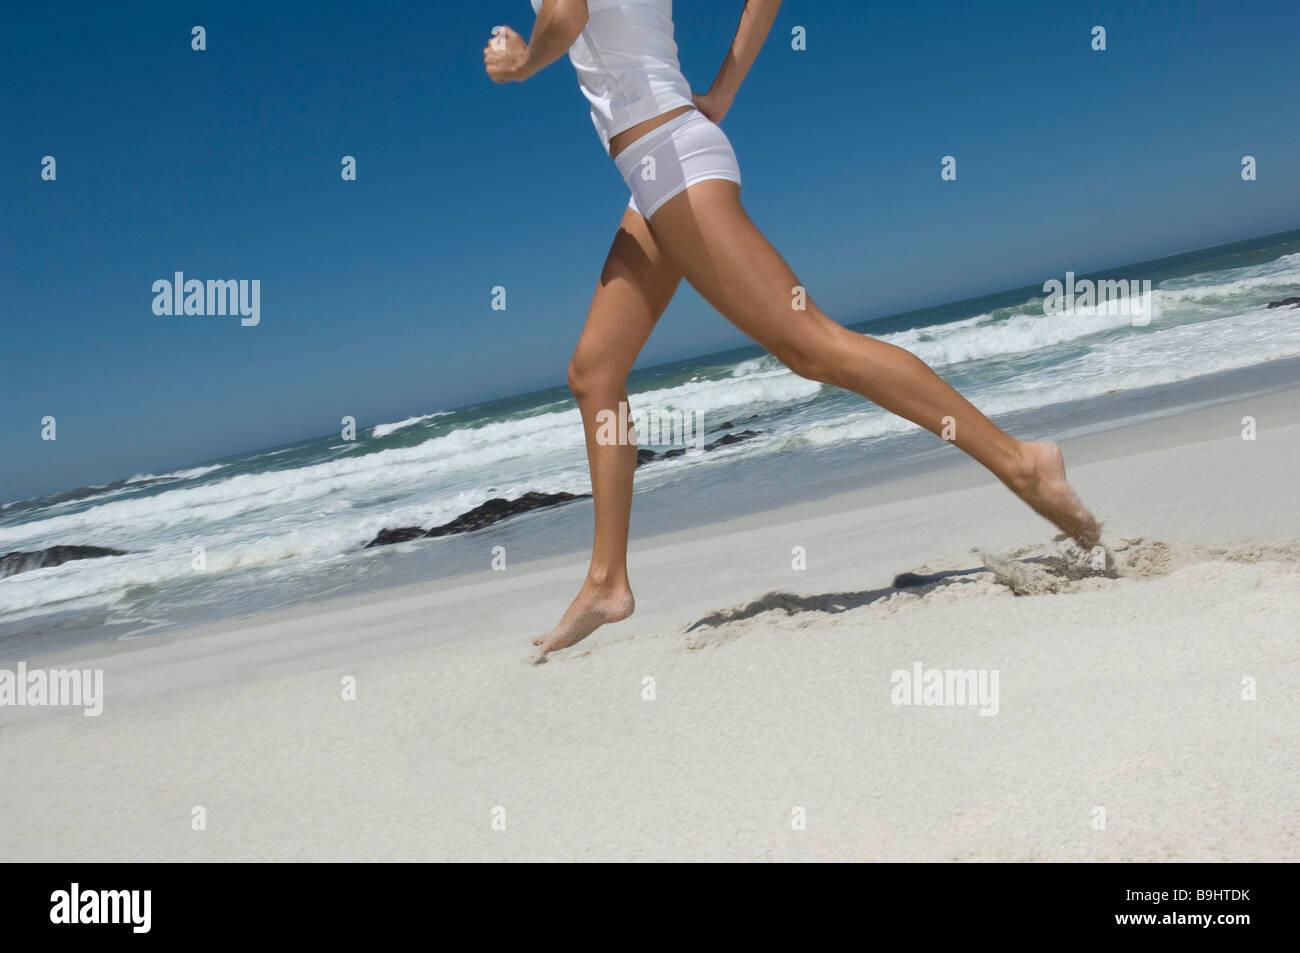 Female running on beach Stock Photo